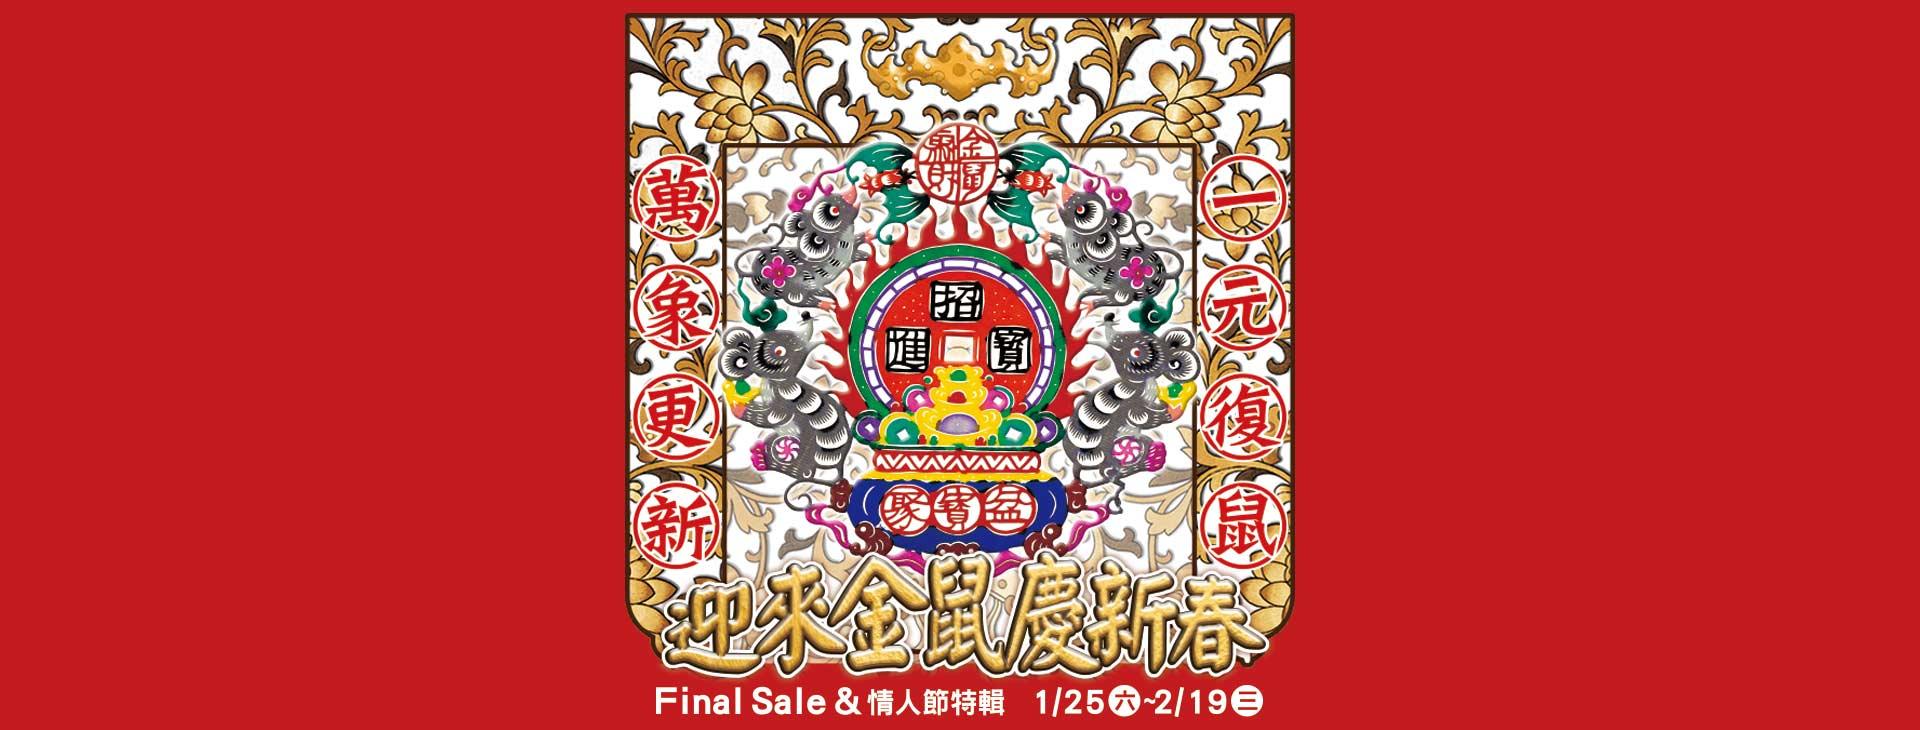 Final Sale & 情人節特輯